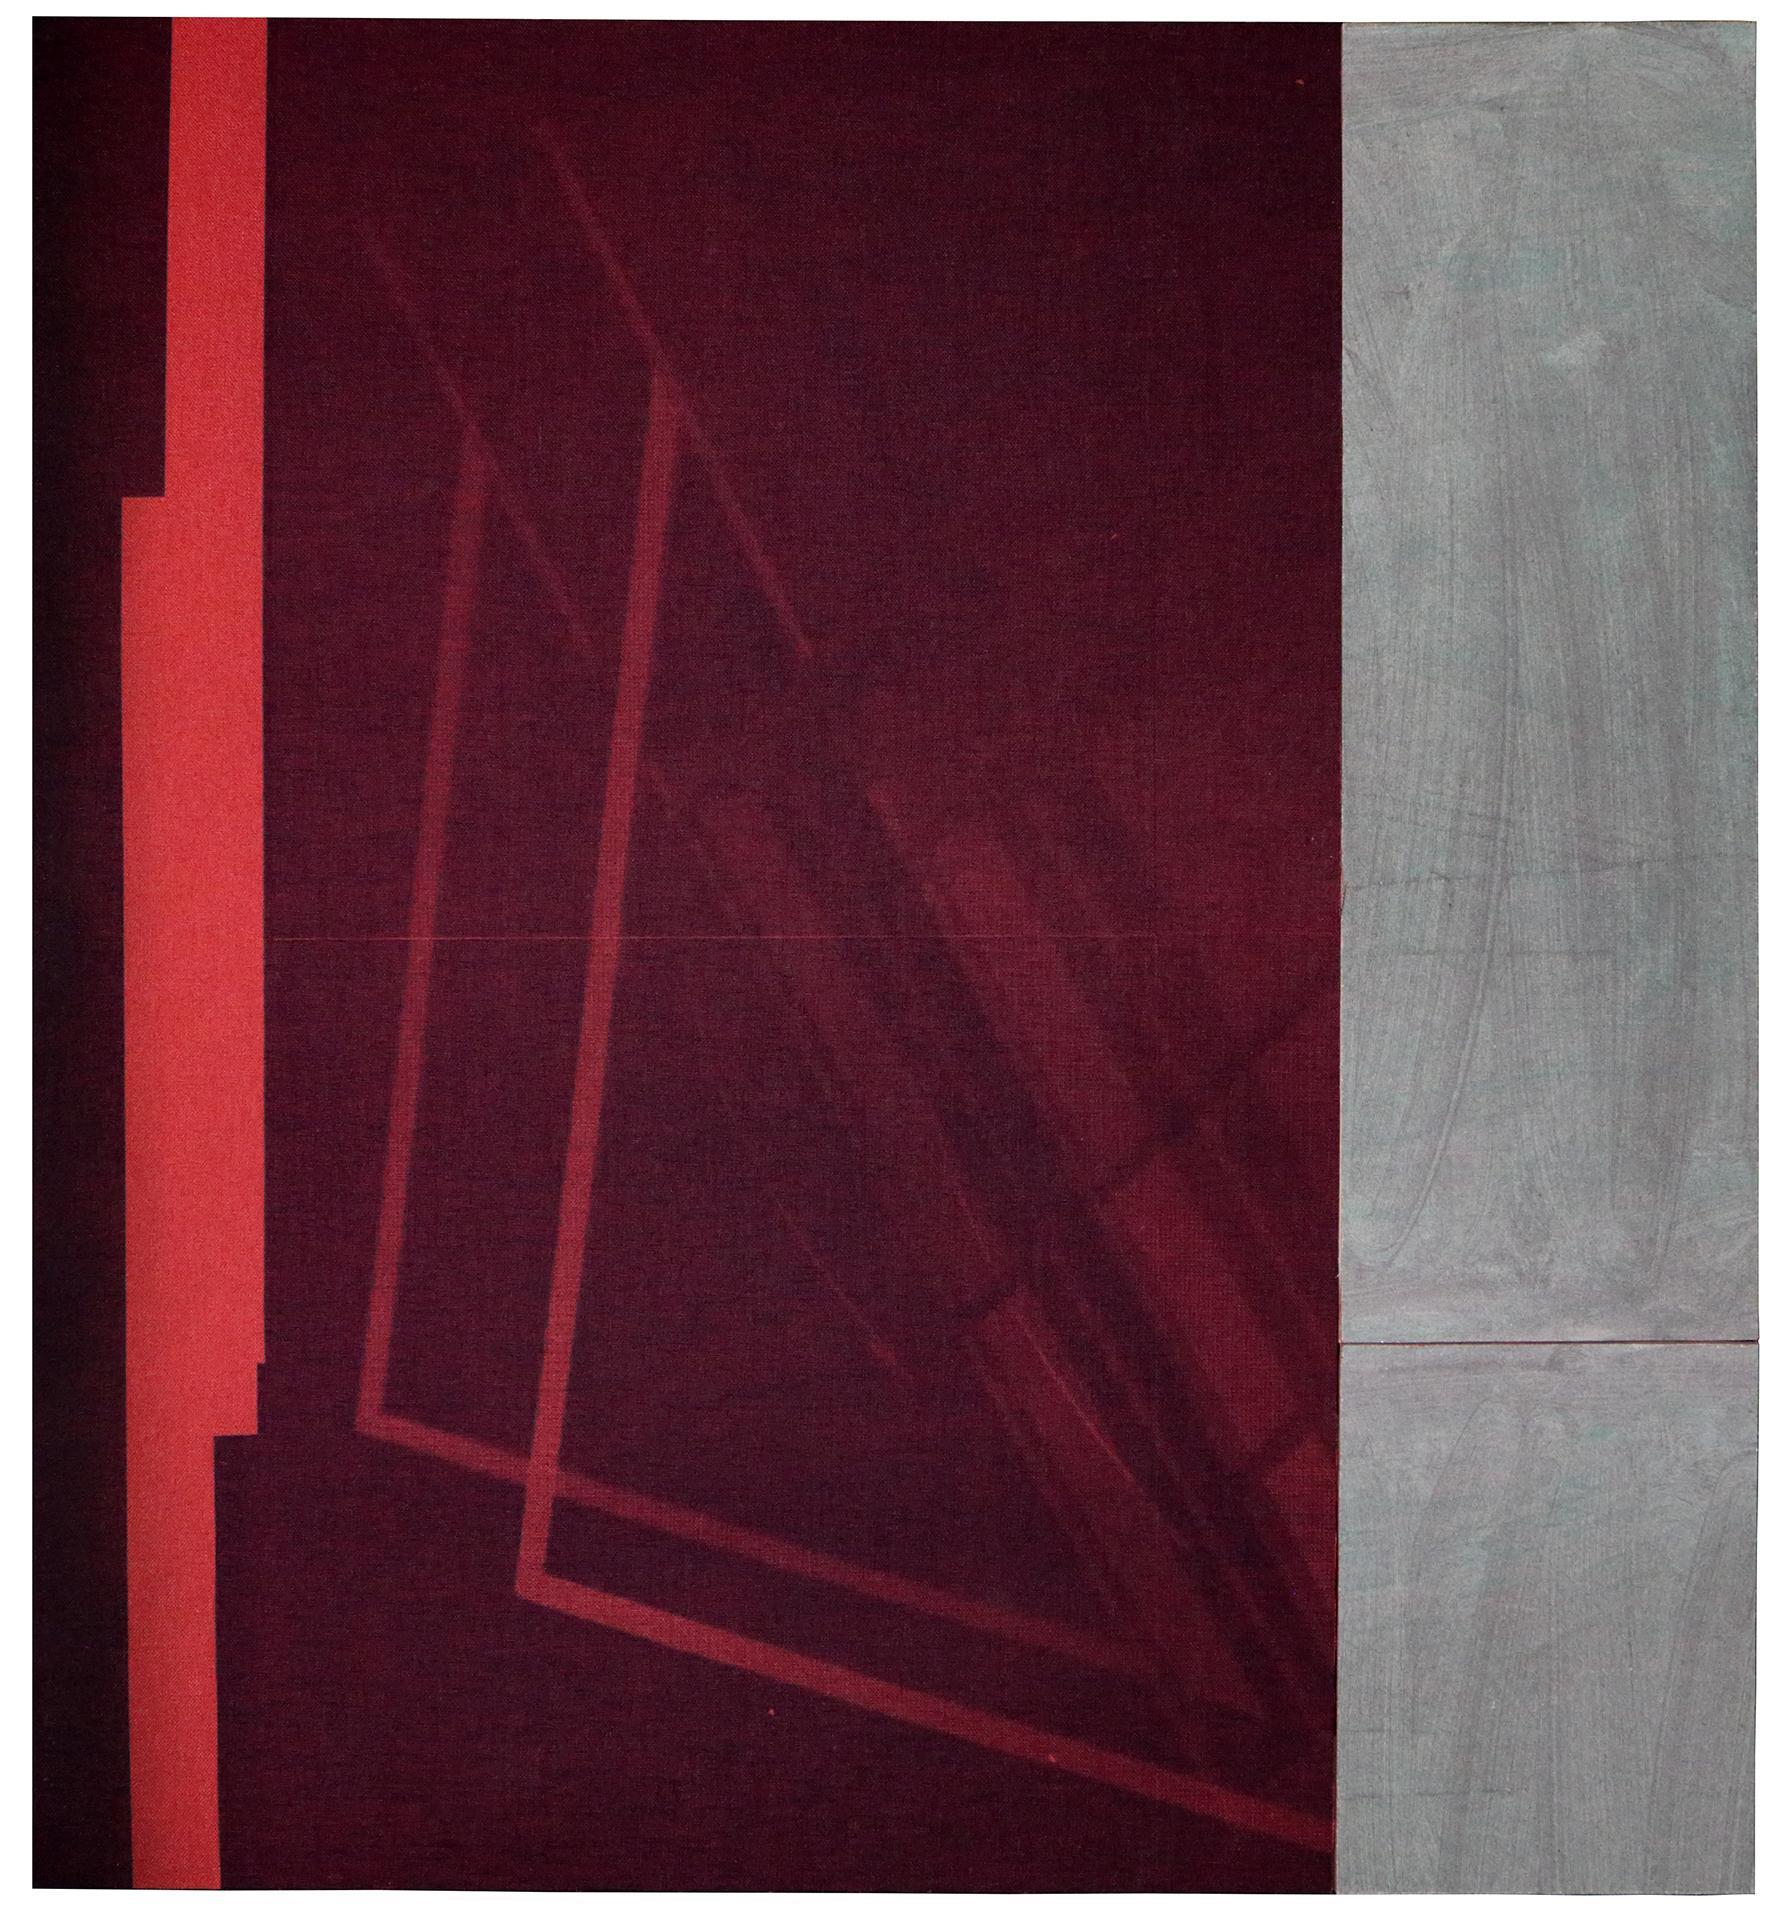 Gregor Eldarb Flip 1 2021 45x40cm Collage, cyanotype on bookbinding linen carboard